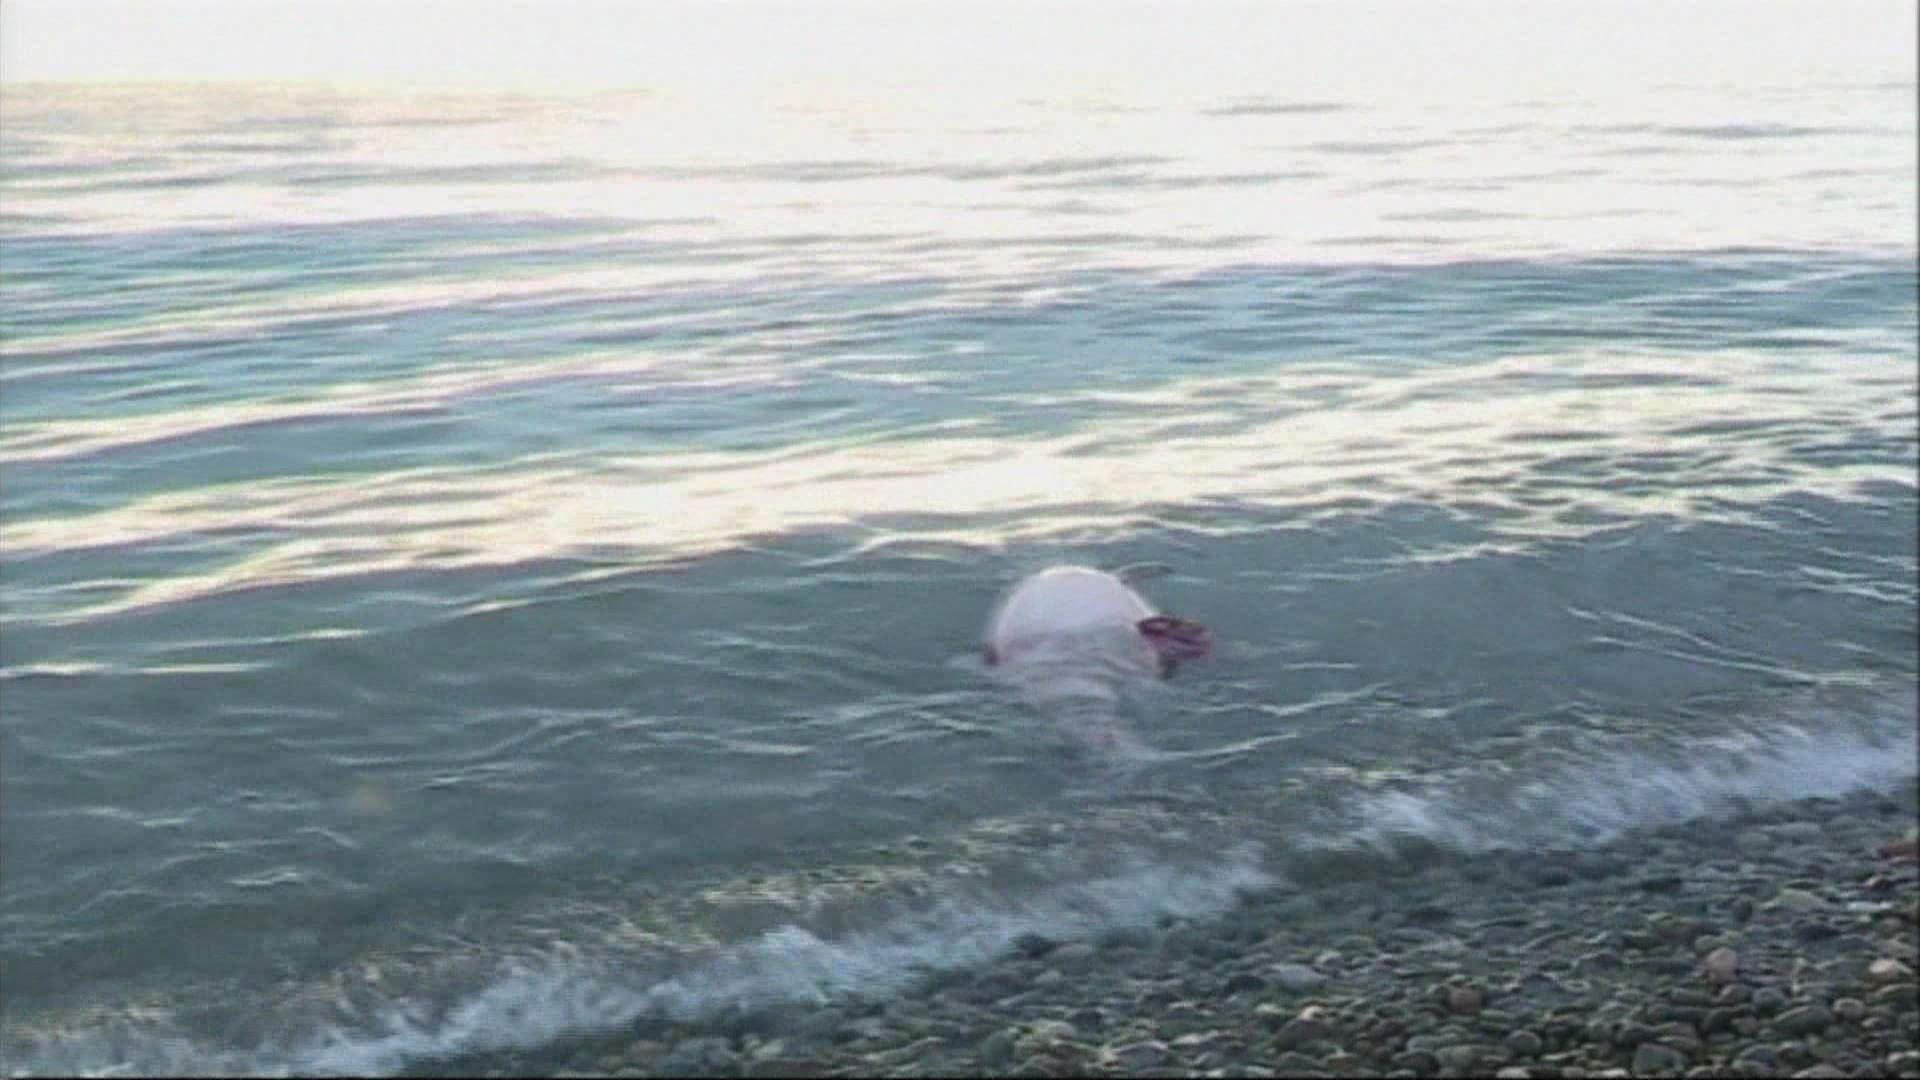 გაფრთხილება: ''მოერიდეთ ზღვიდან გამორიყულ დელფინებთან კონტაქტს''